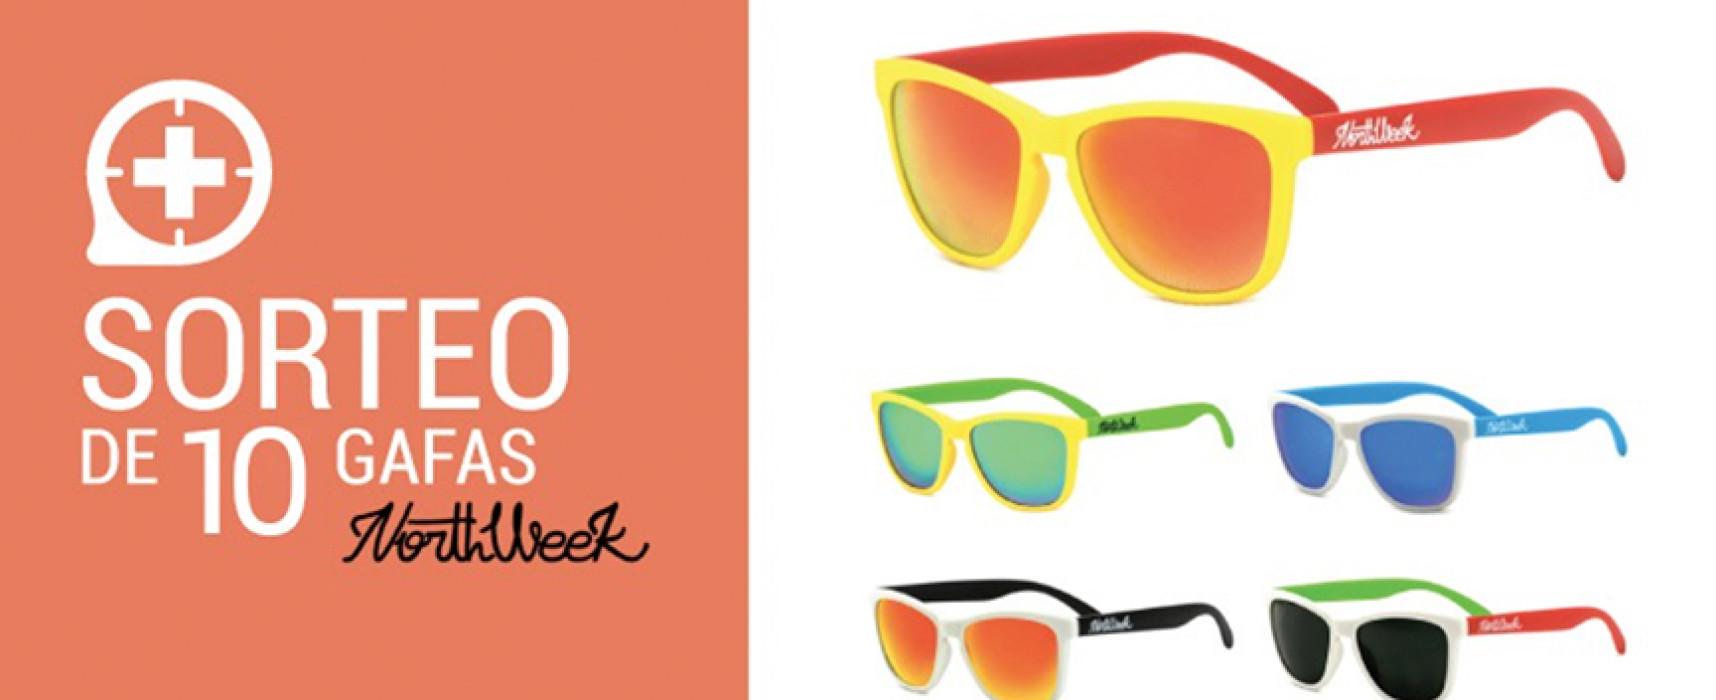 Ganadores Sorteo 10 gafas de Sol Northweek